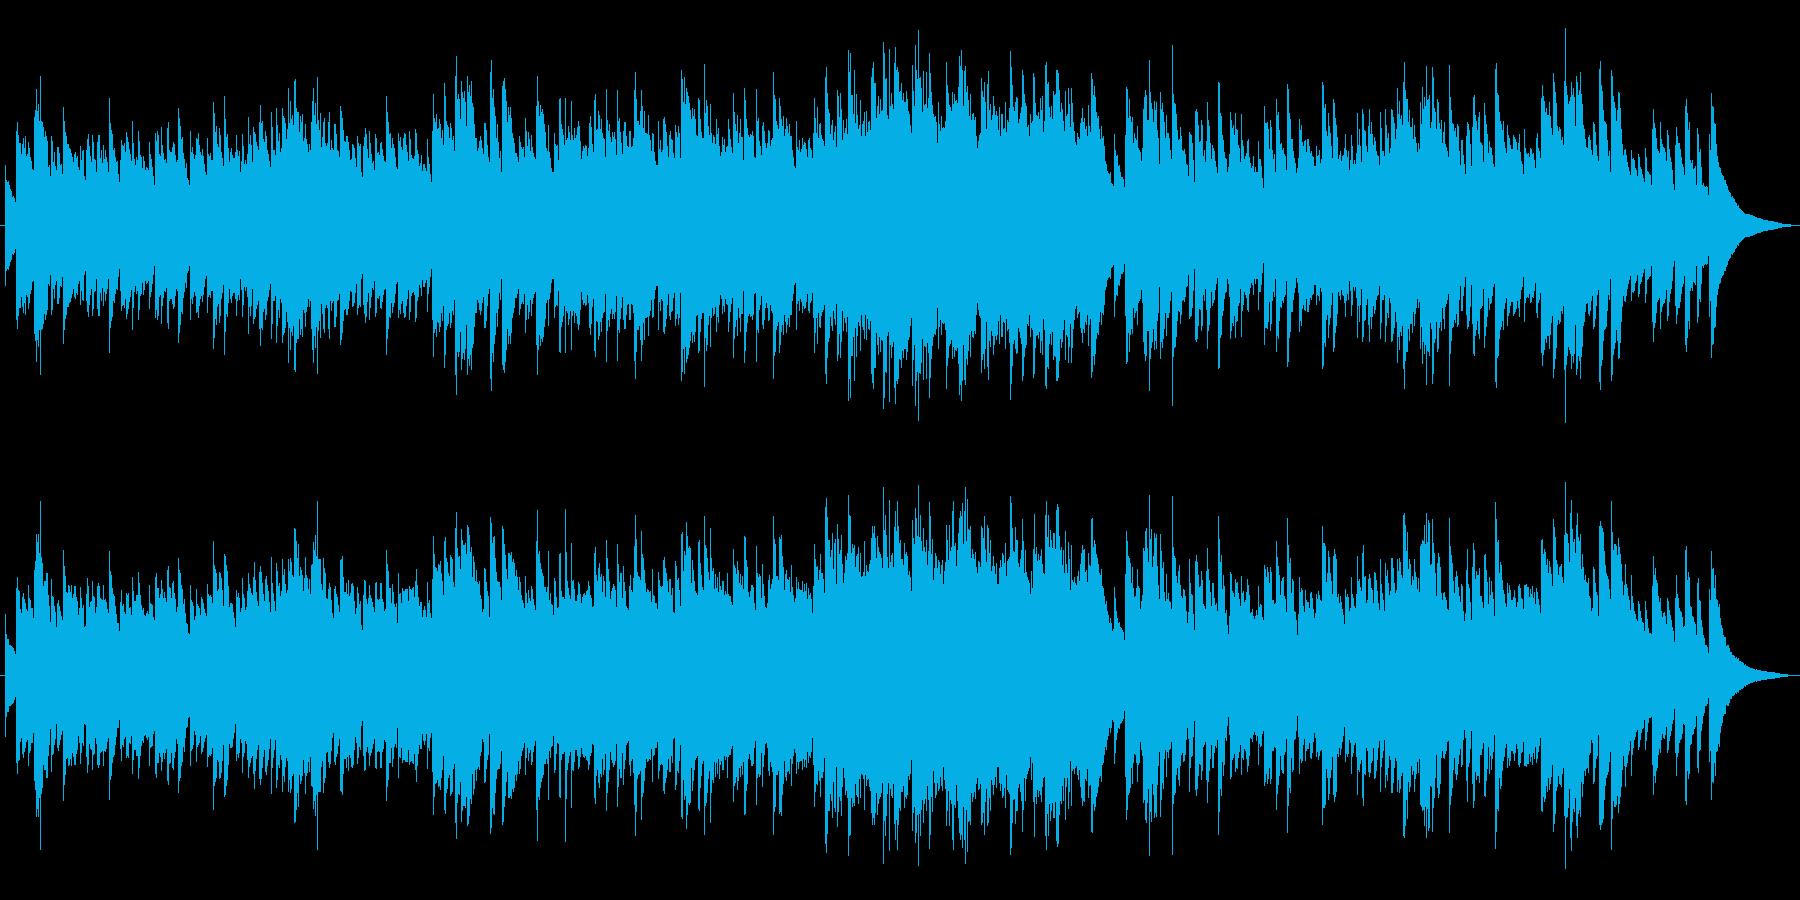 優しい子守唄のようなオルゴールサウンドの再生済みの波形